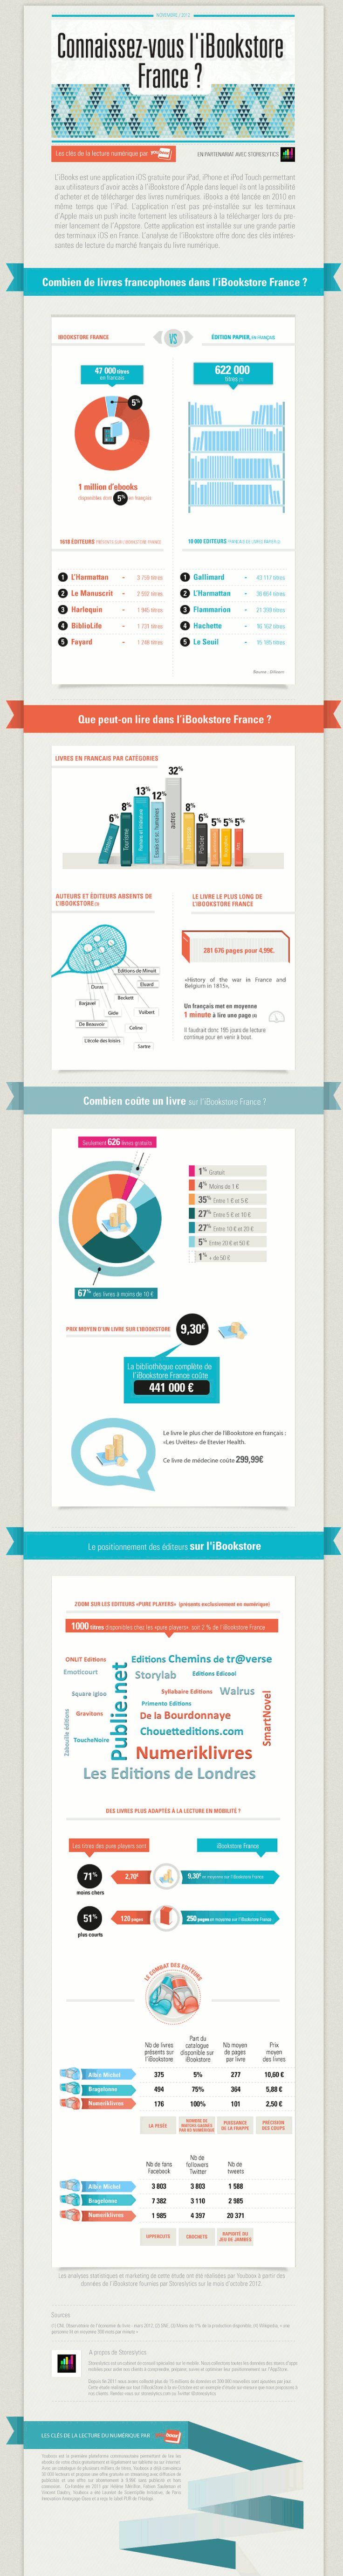 L offre numérique sur l iBookstore en France